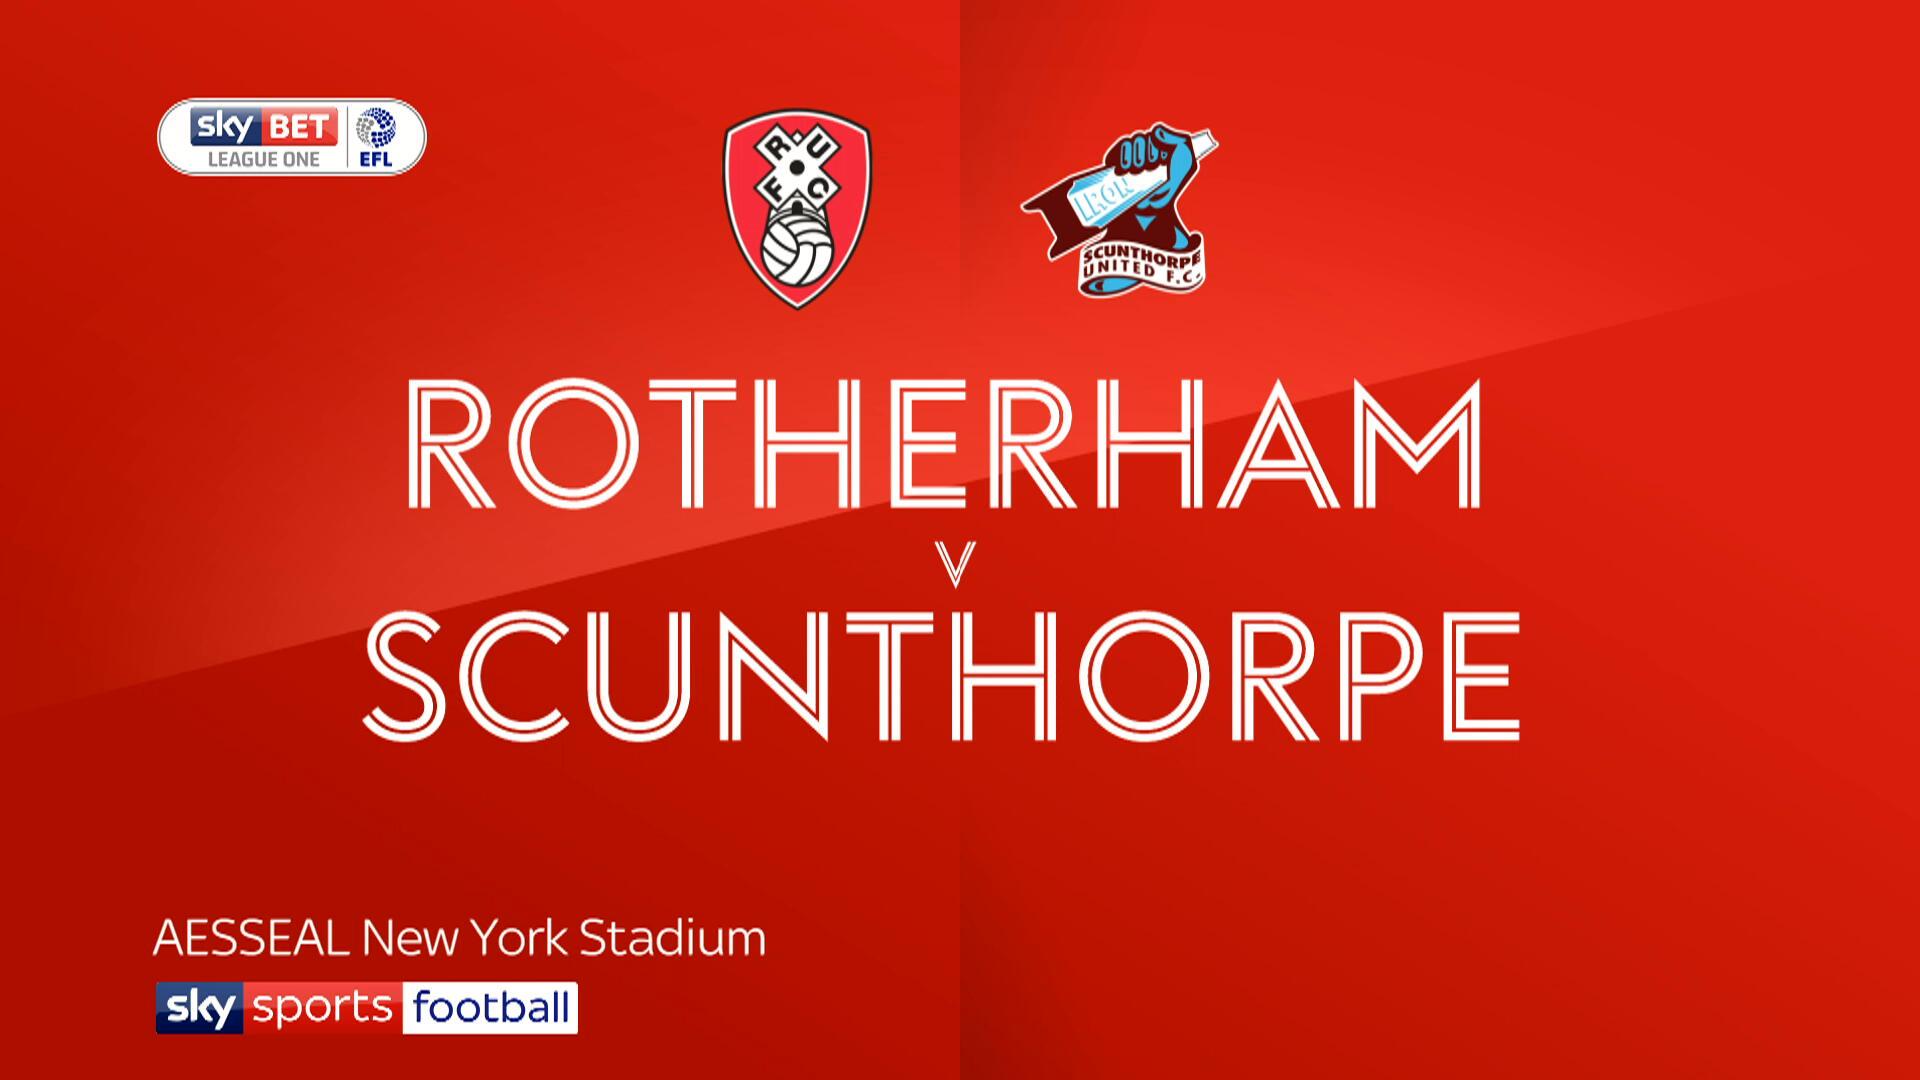 Nhận định bóng đá Rotherham vs Scunthorpe, 01h45 ngày 17/5